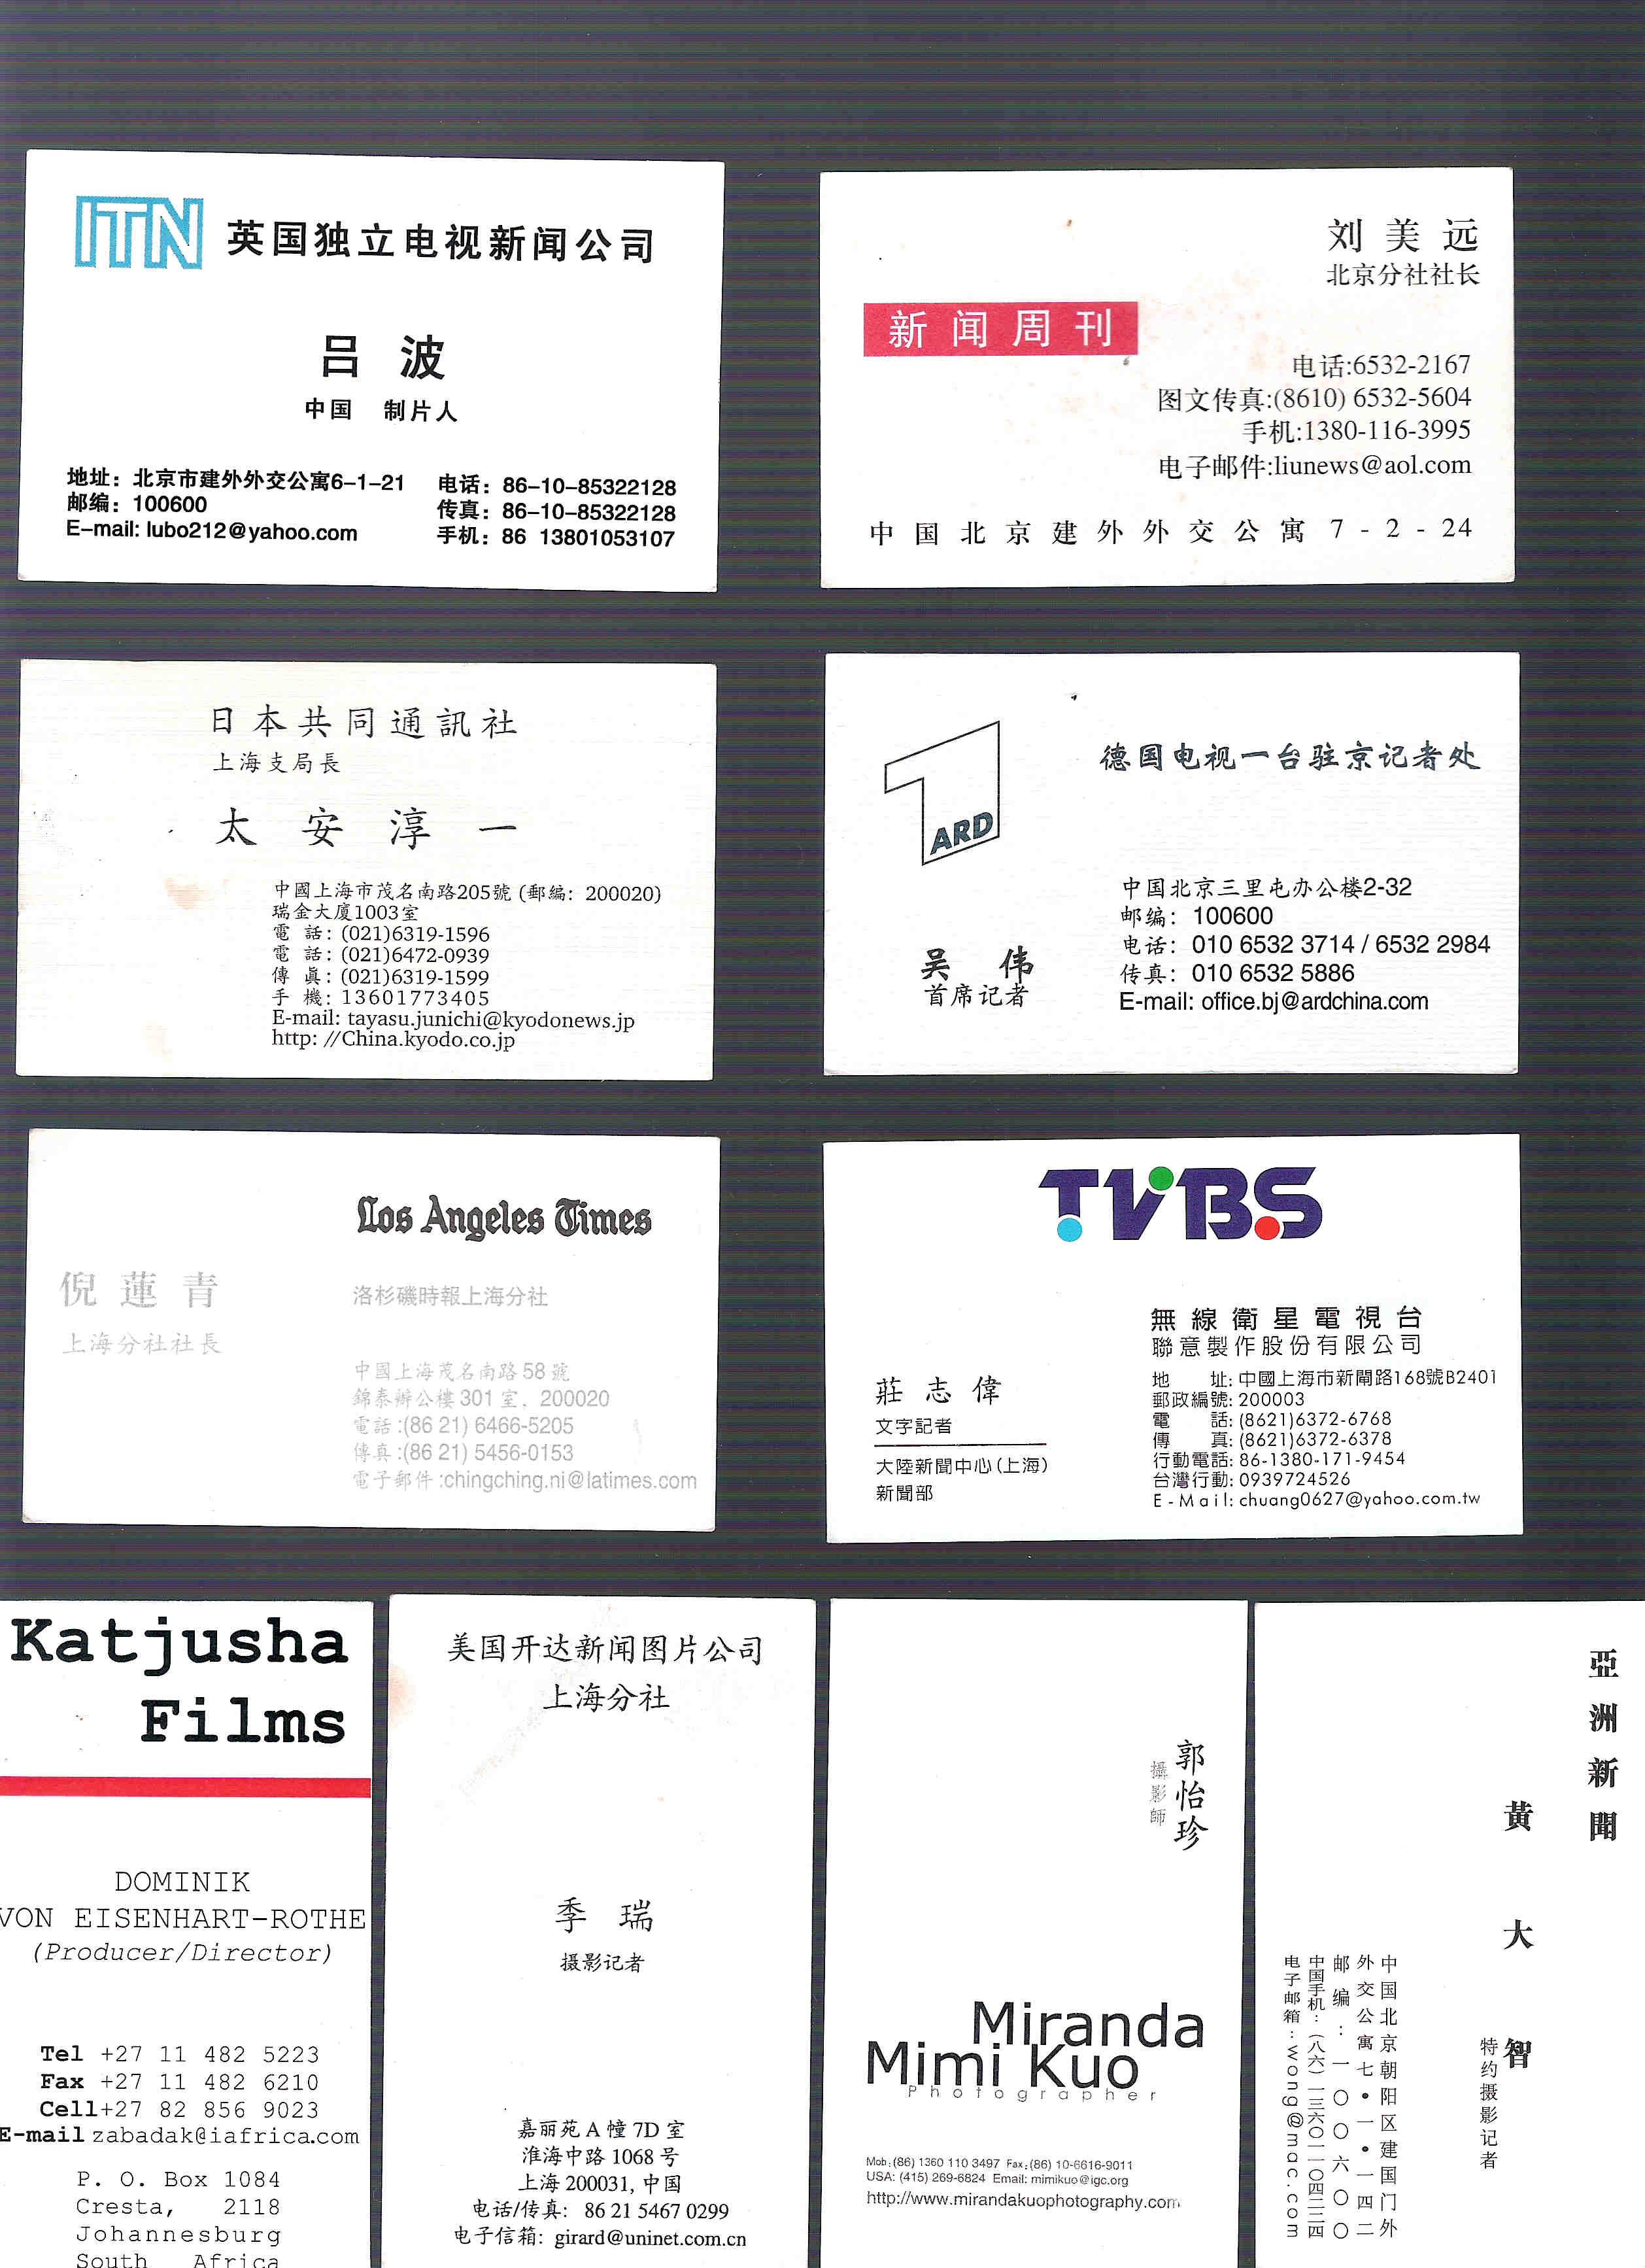 离婚取证调查_上海调查取证公司_上海侦探公司信义调查